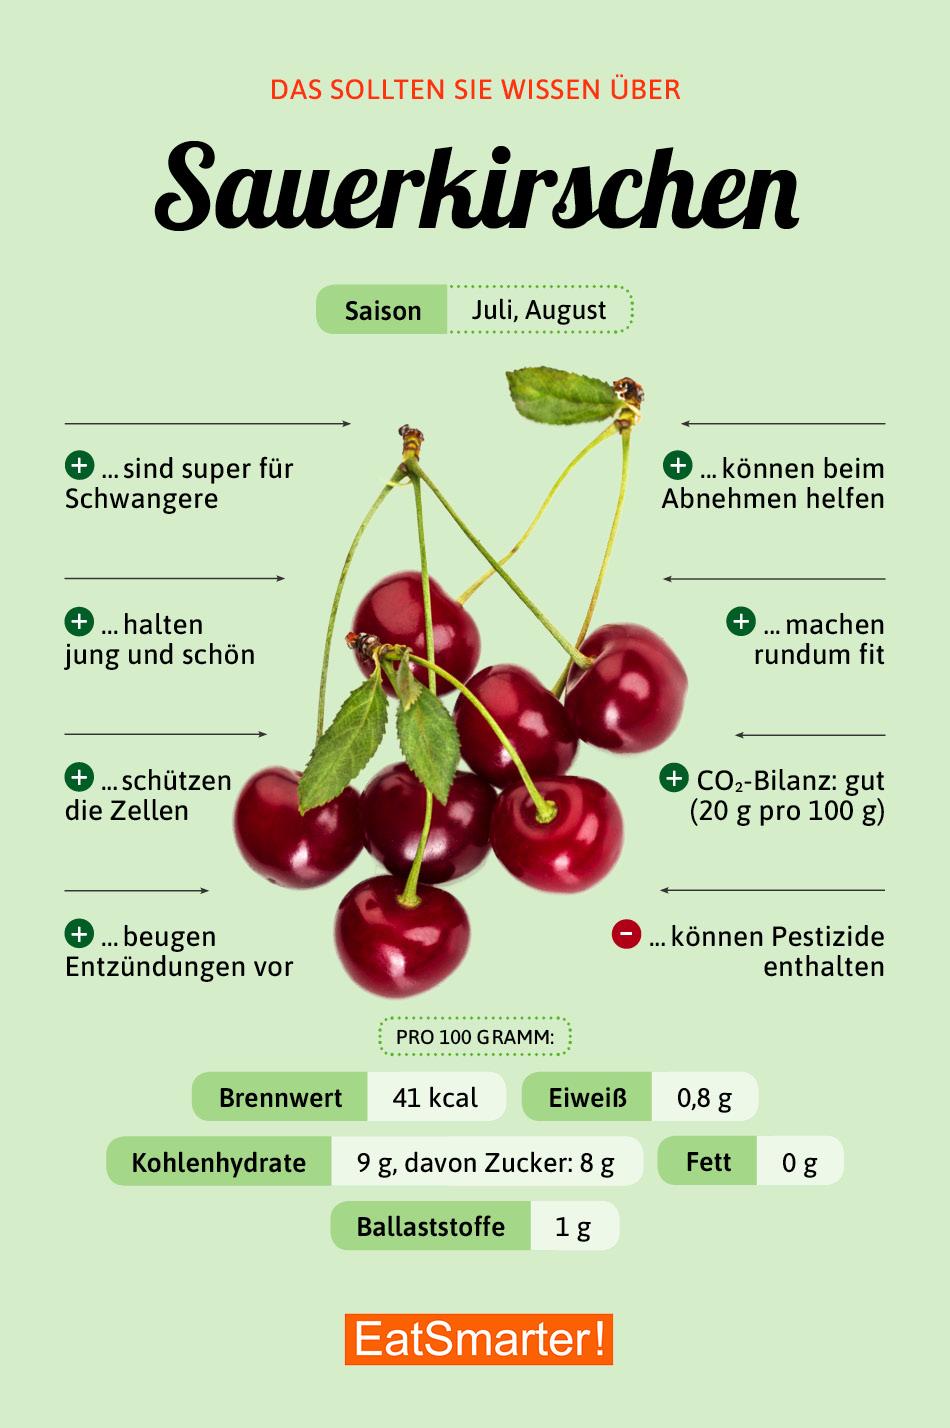 Infografik Sauerkirschen